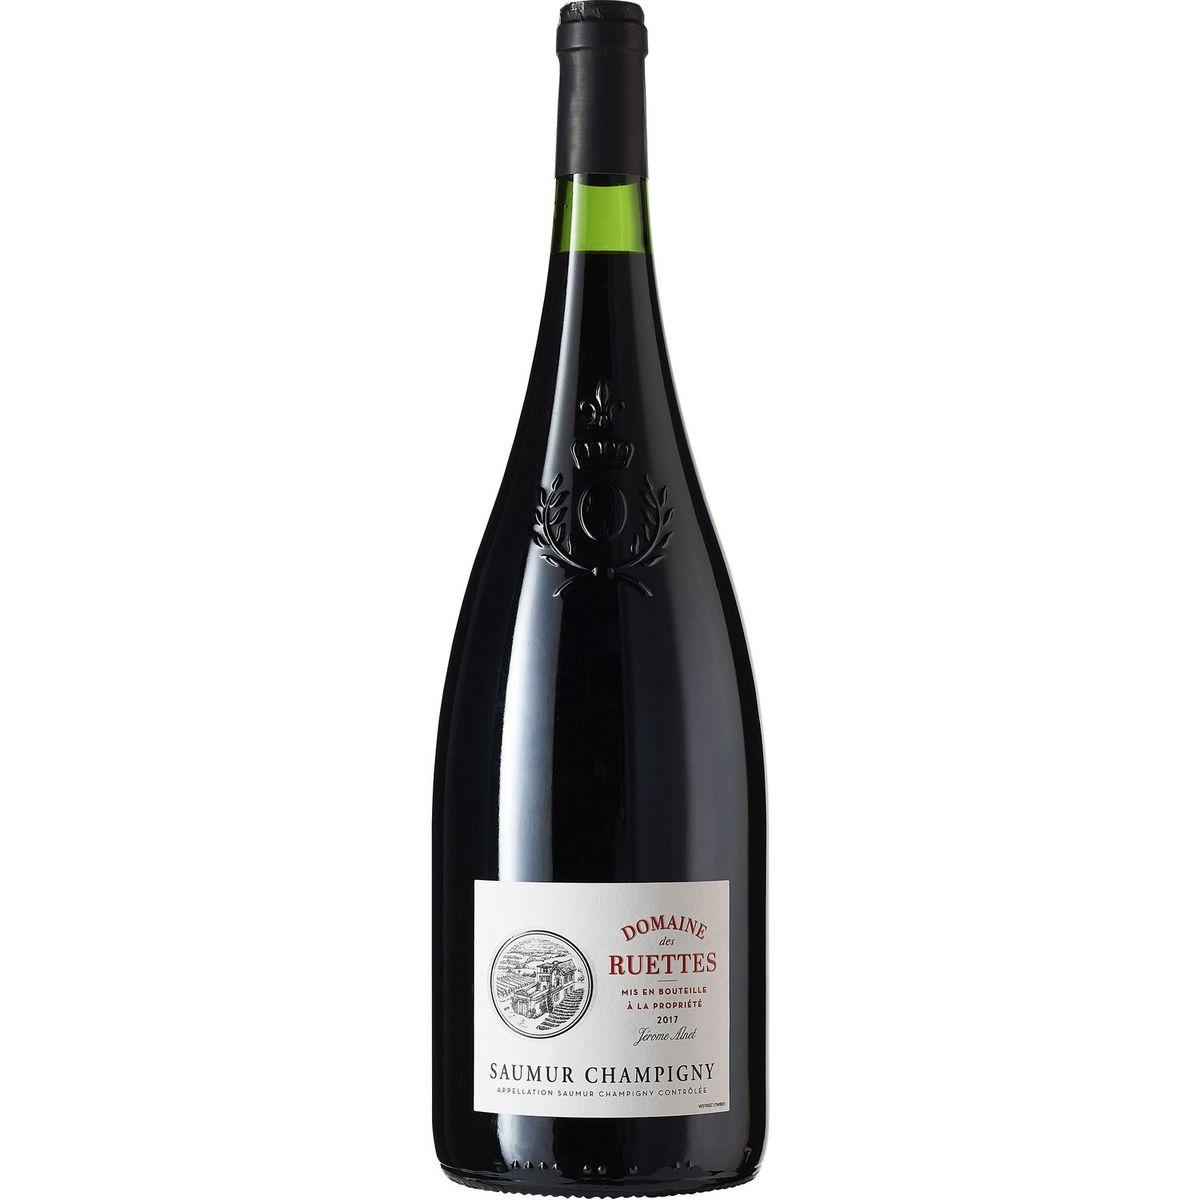 AOP Saumur-Champigny Domaine des Ruettes Magnum rouge 2017